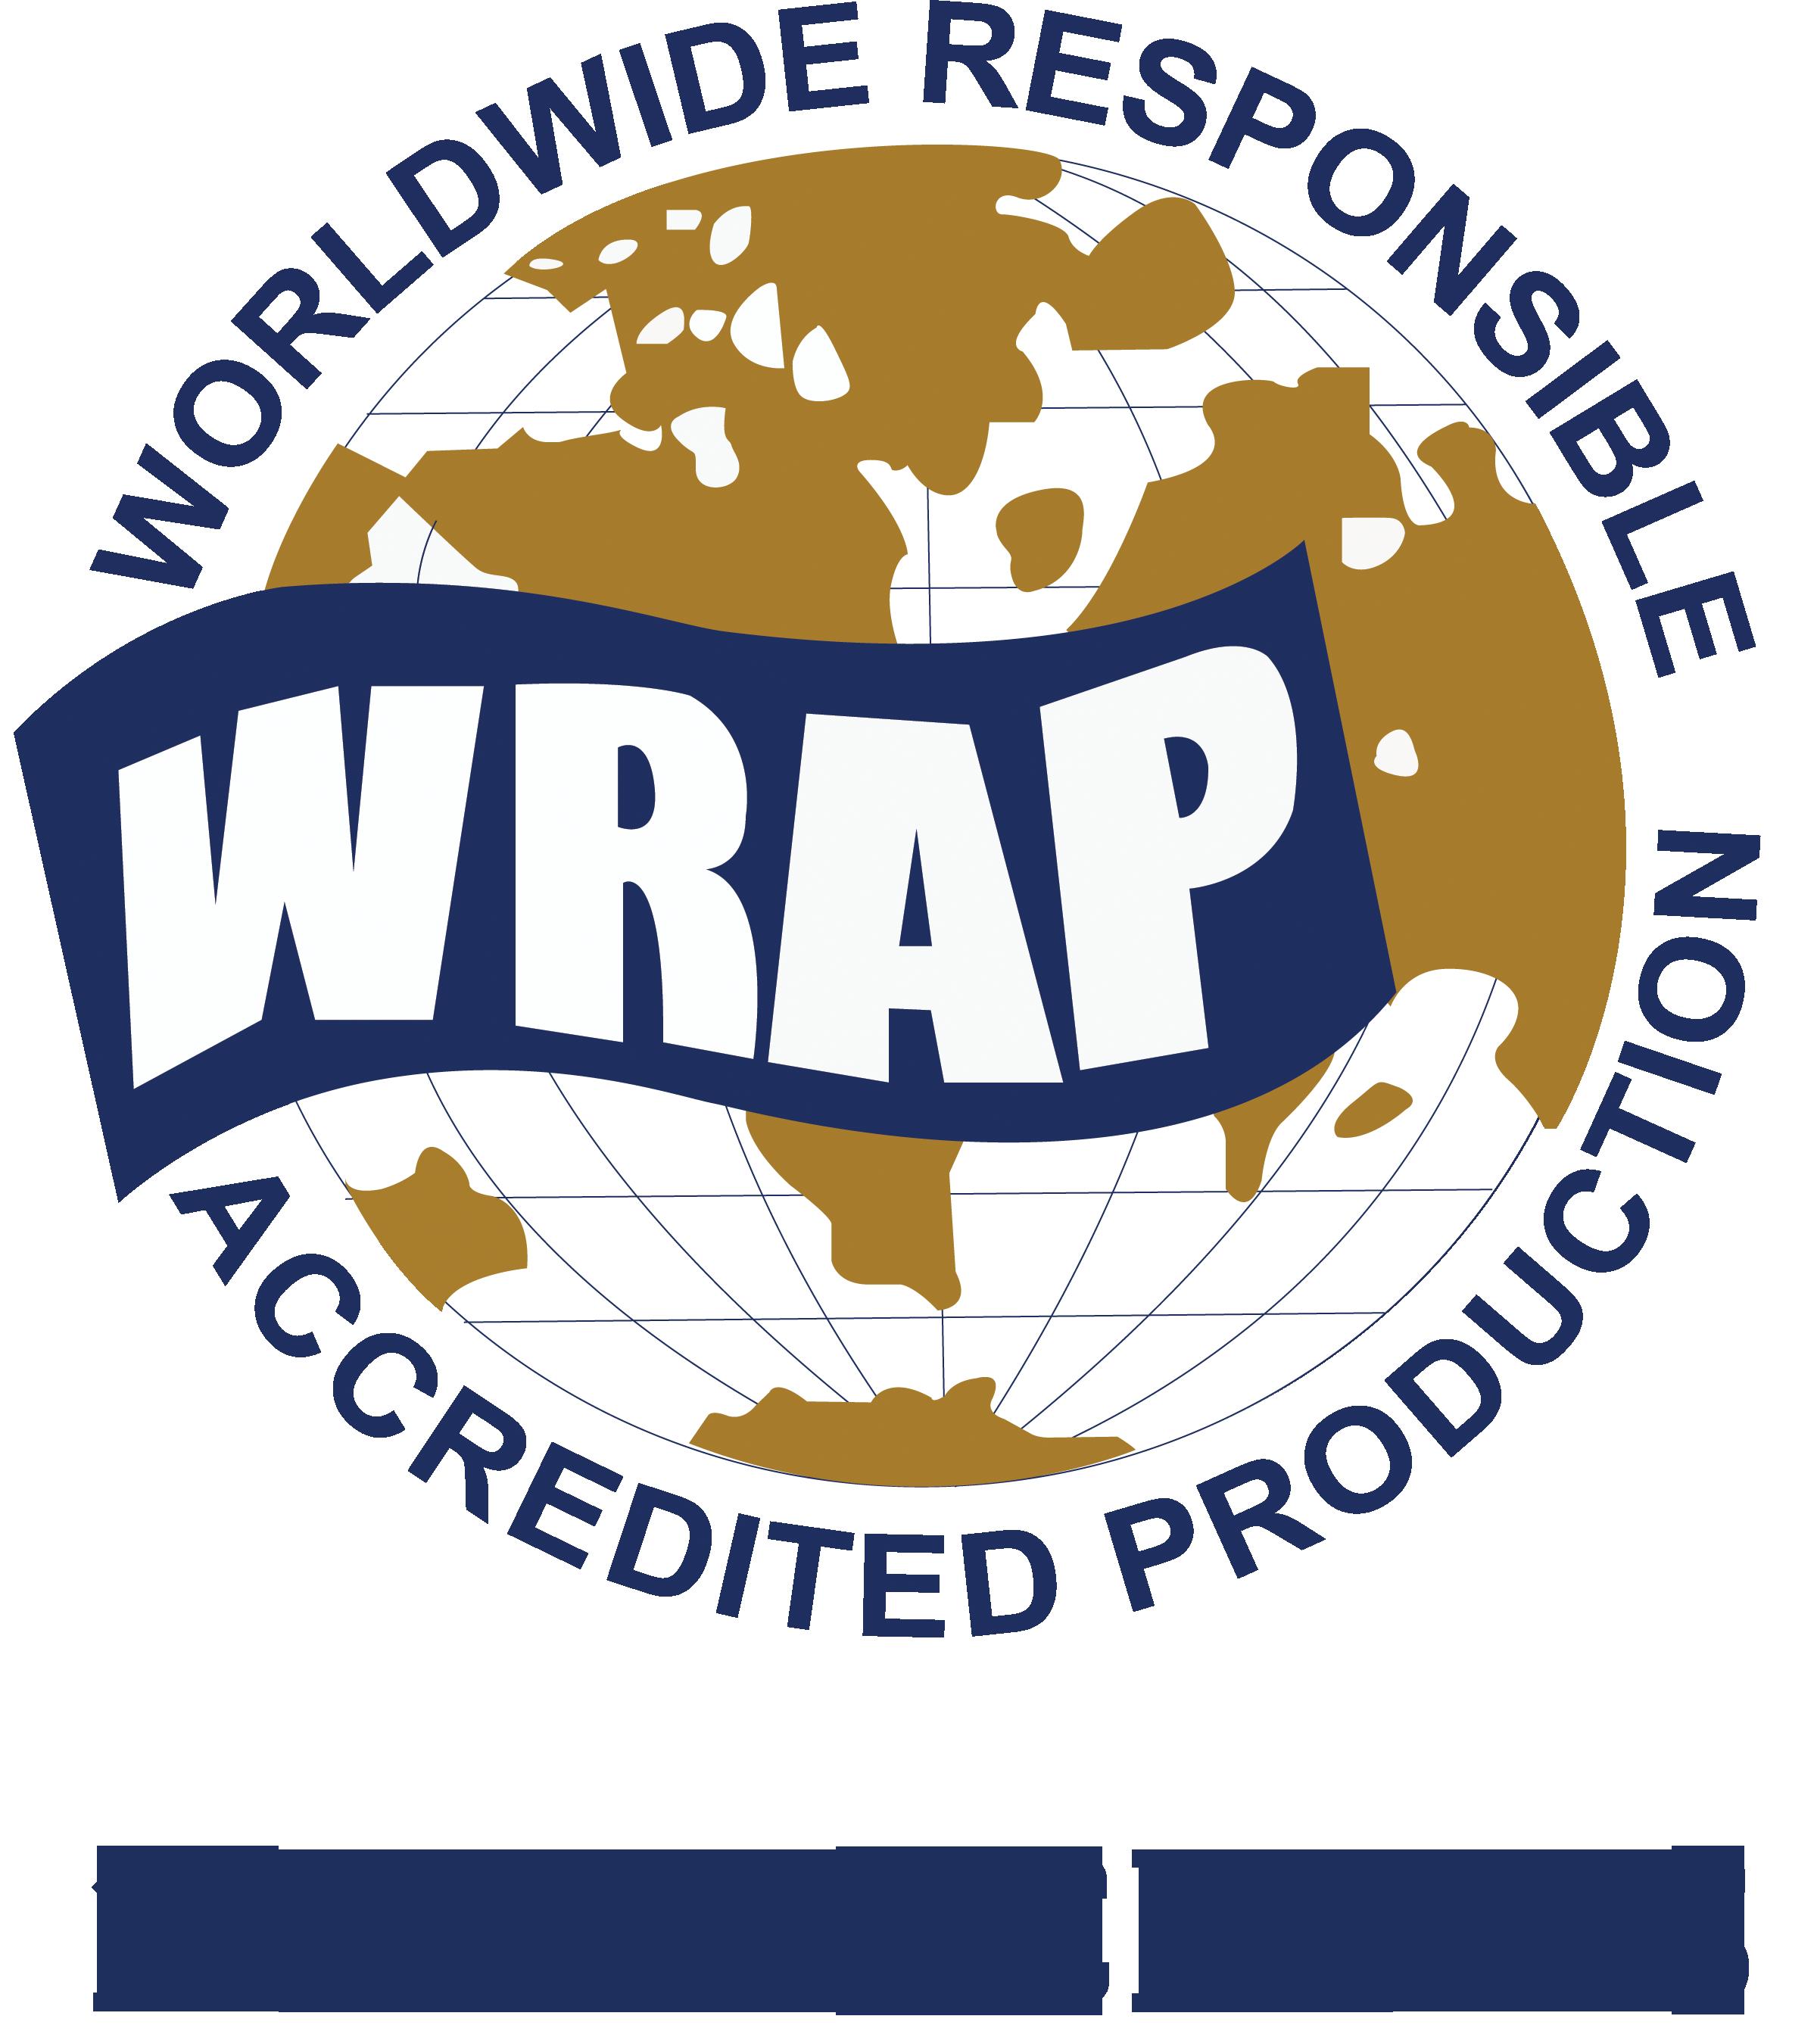 WRAP_WEB_LOGO